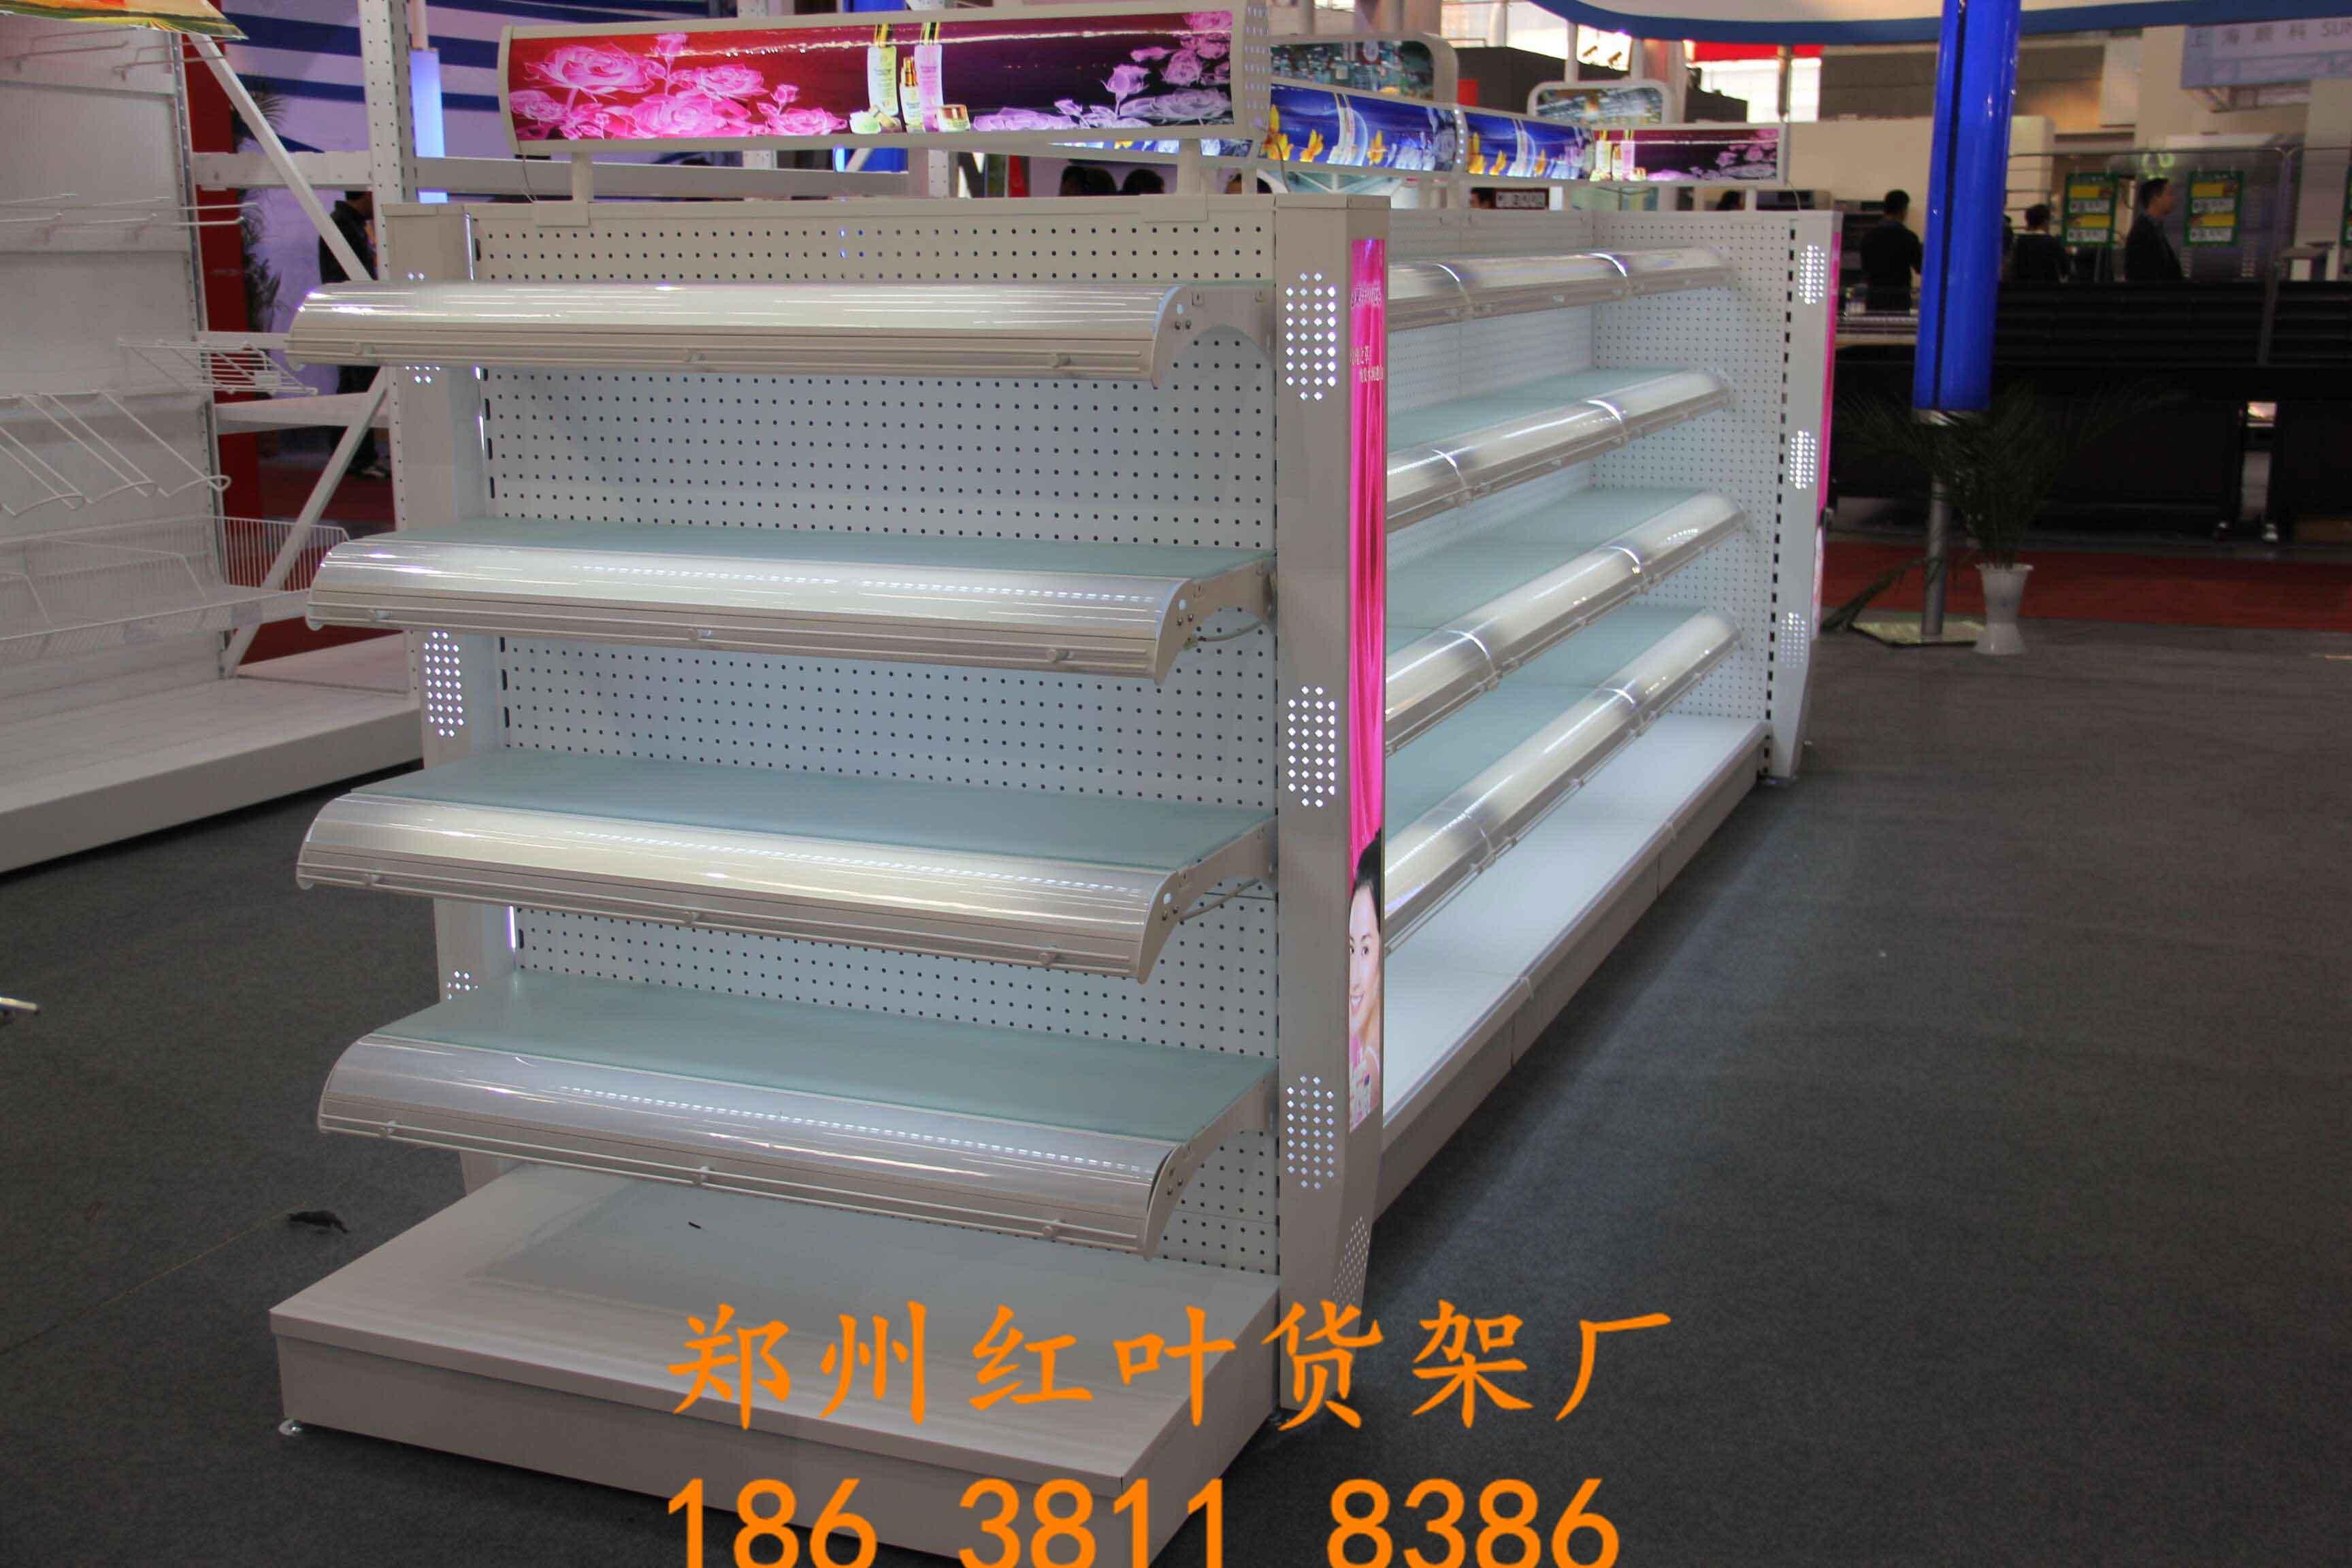 超市貨架有哪些優點